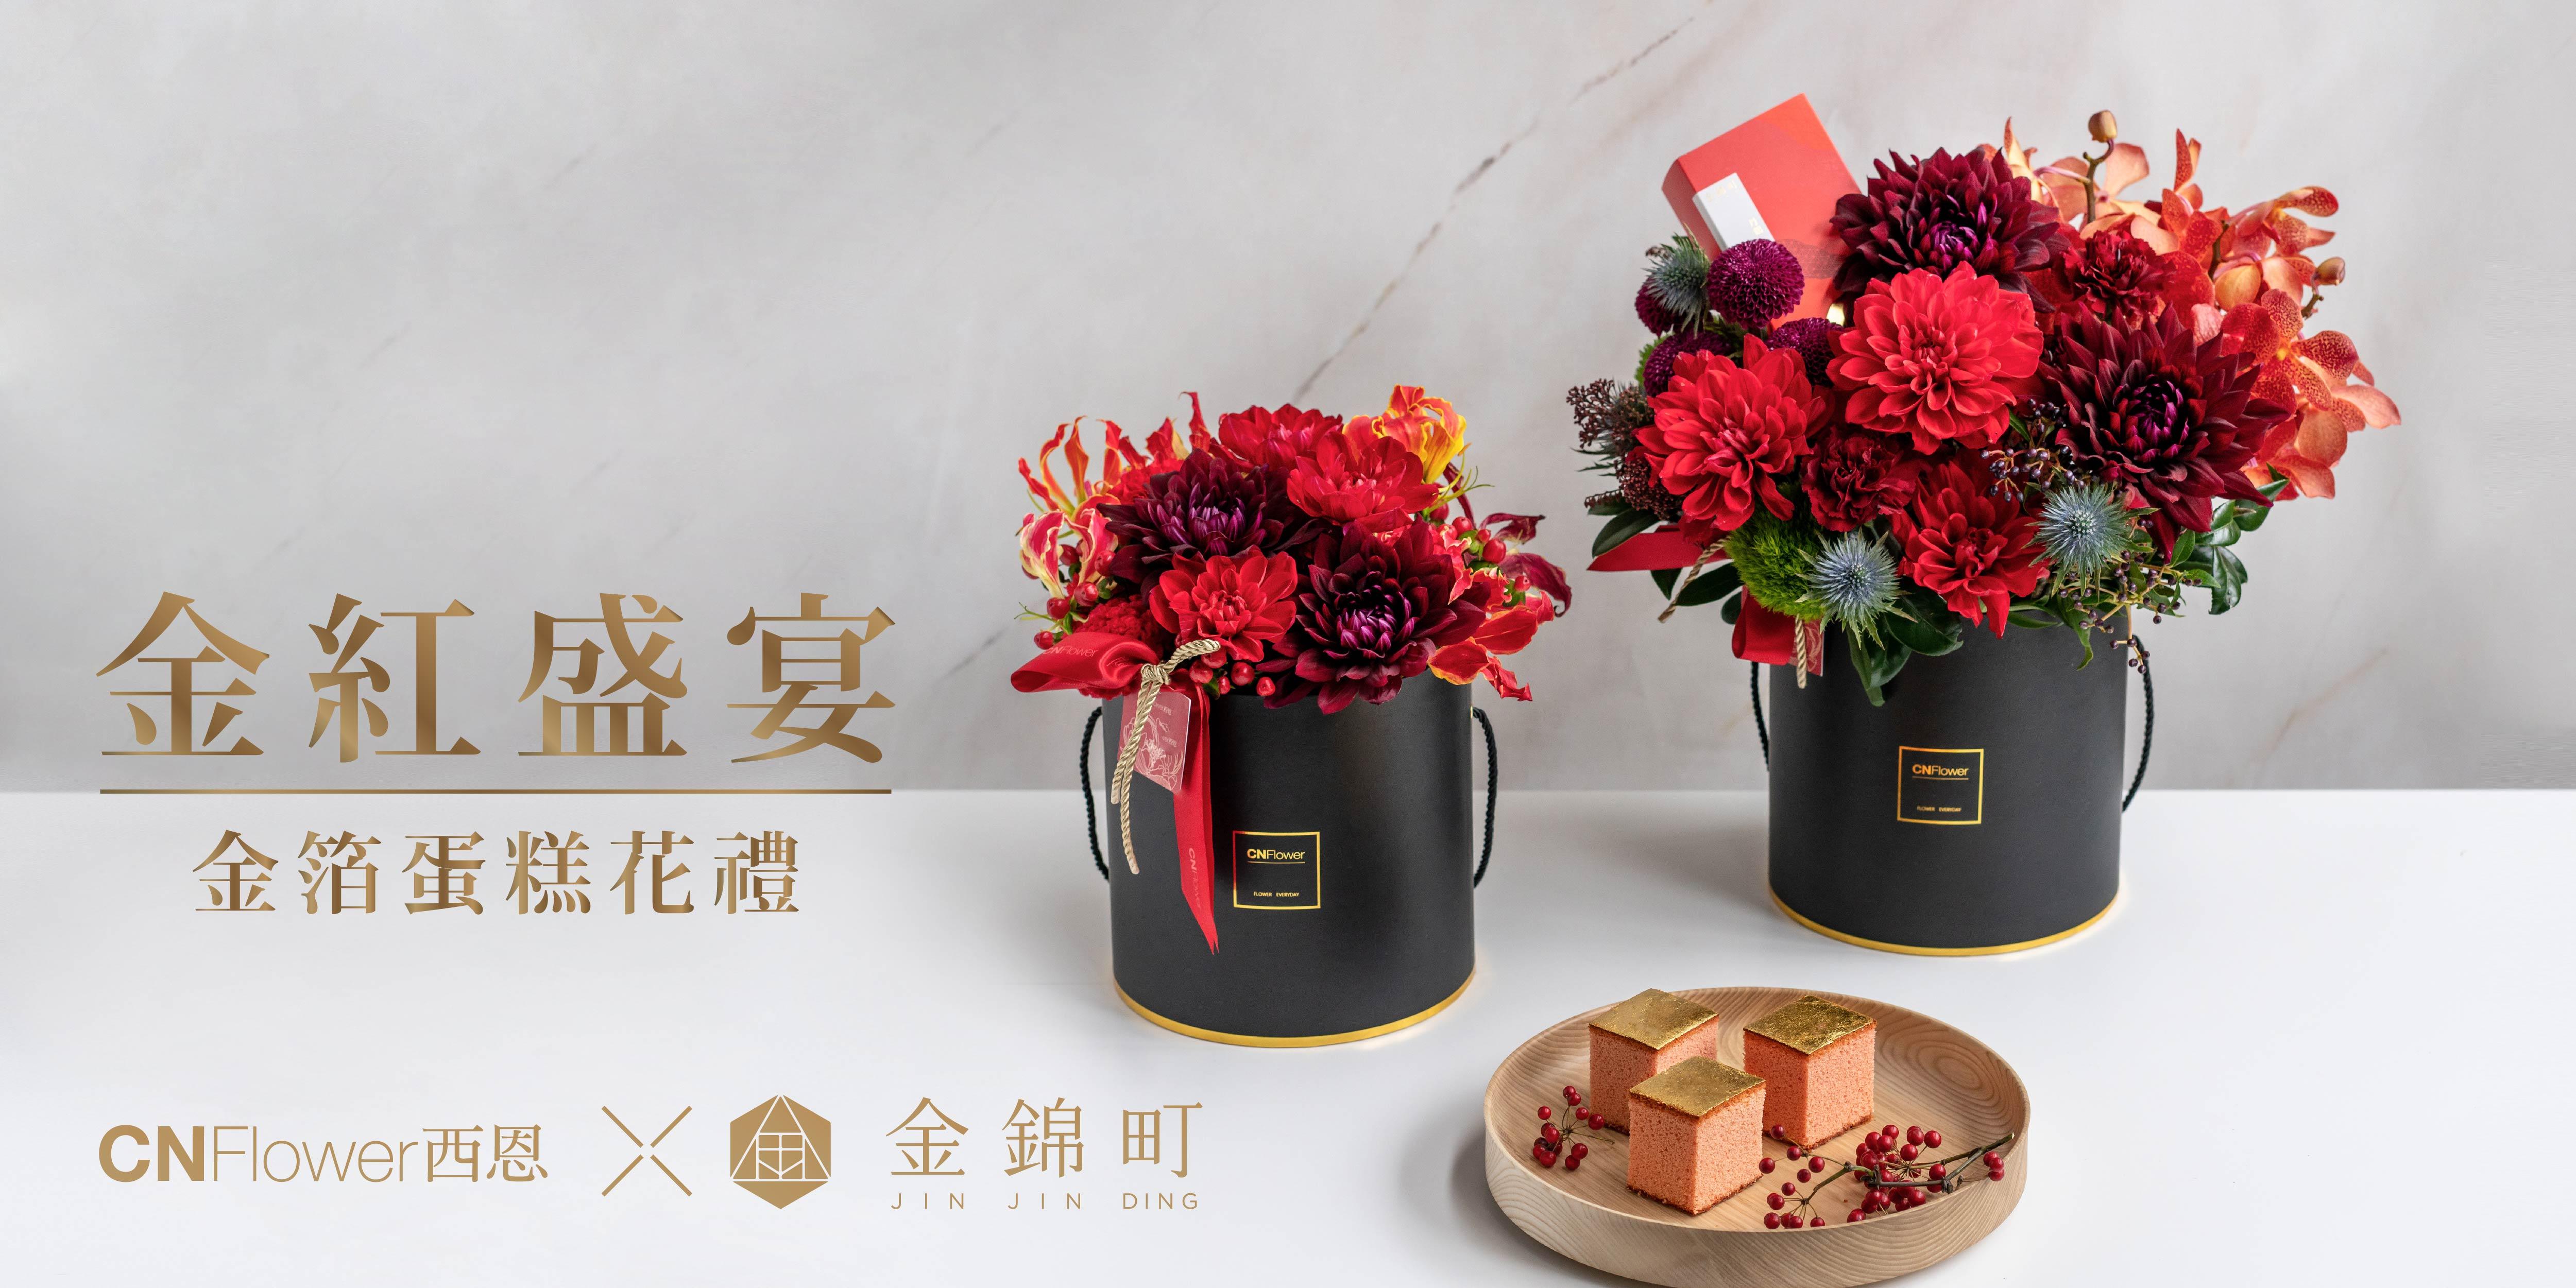 1200X600-金紅盛宴-01